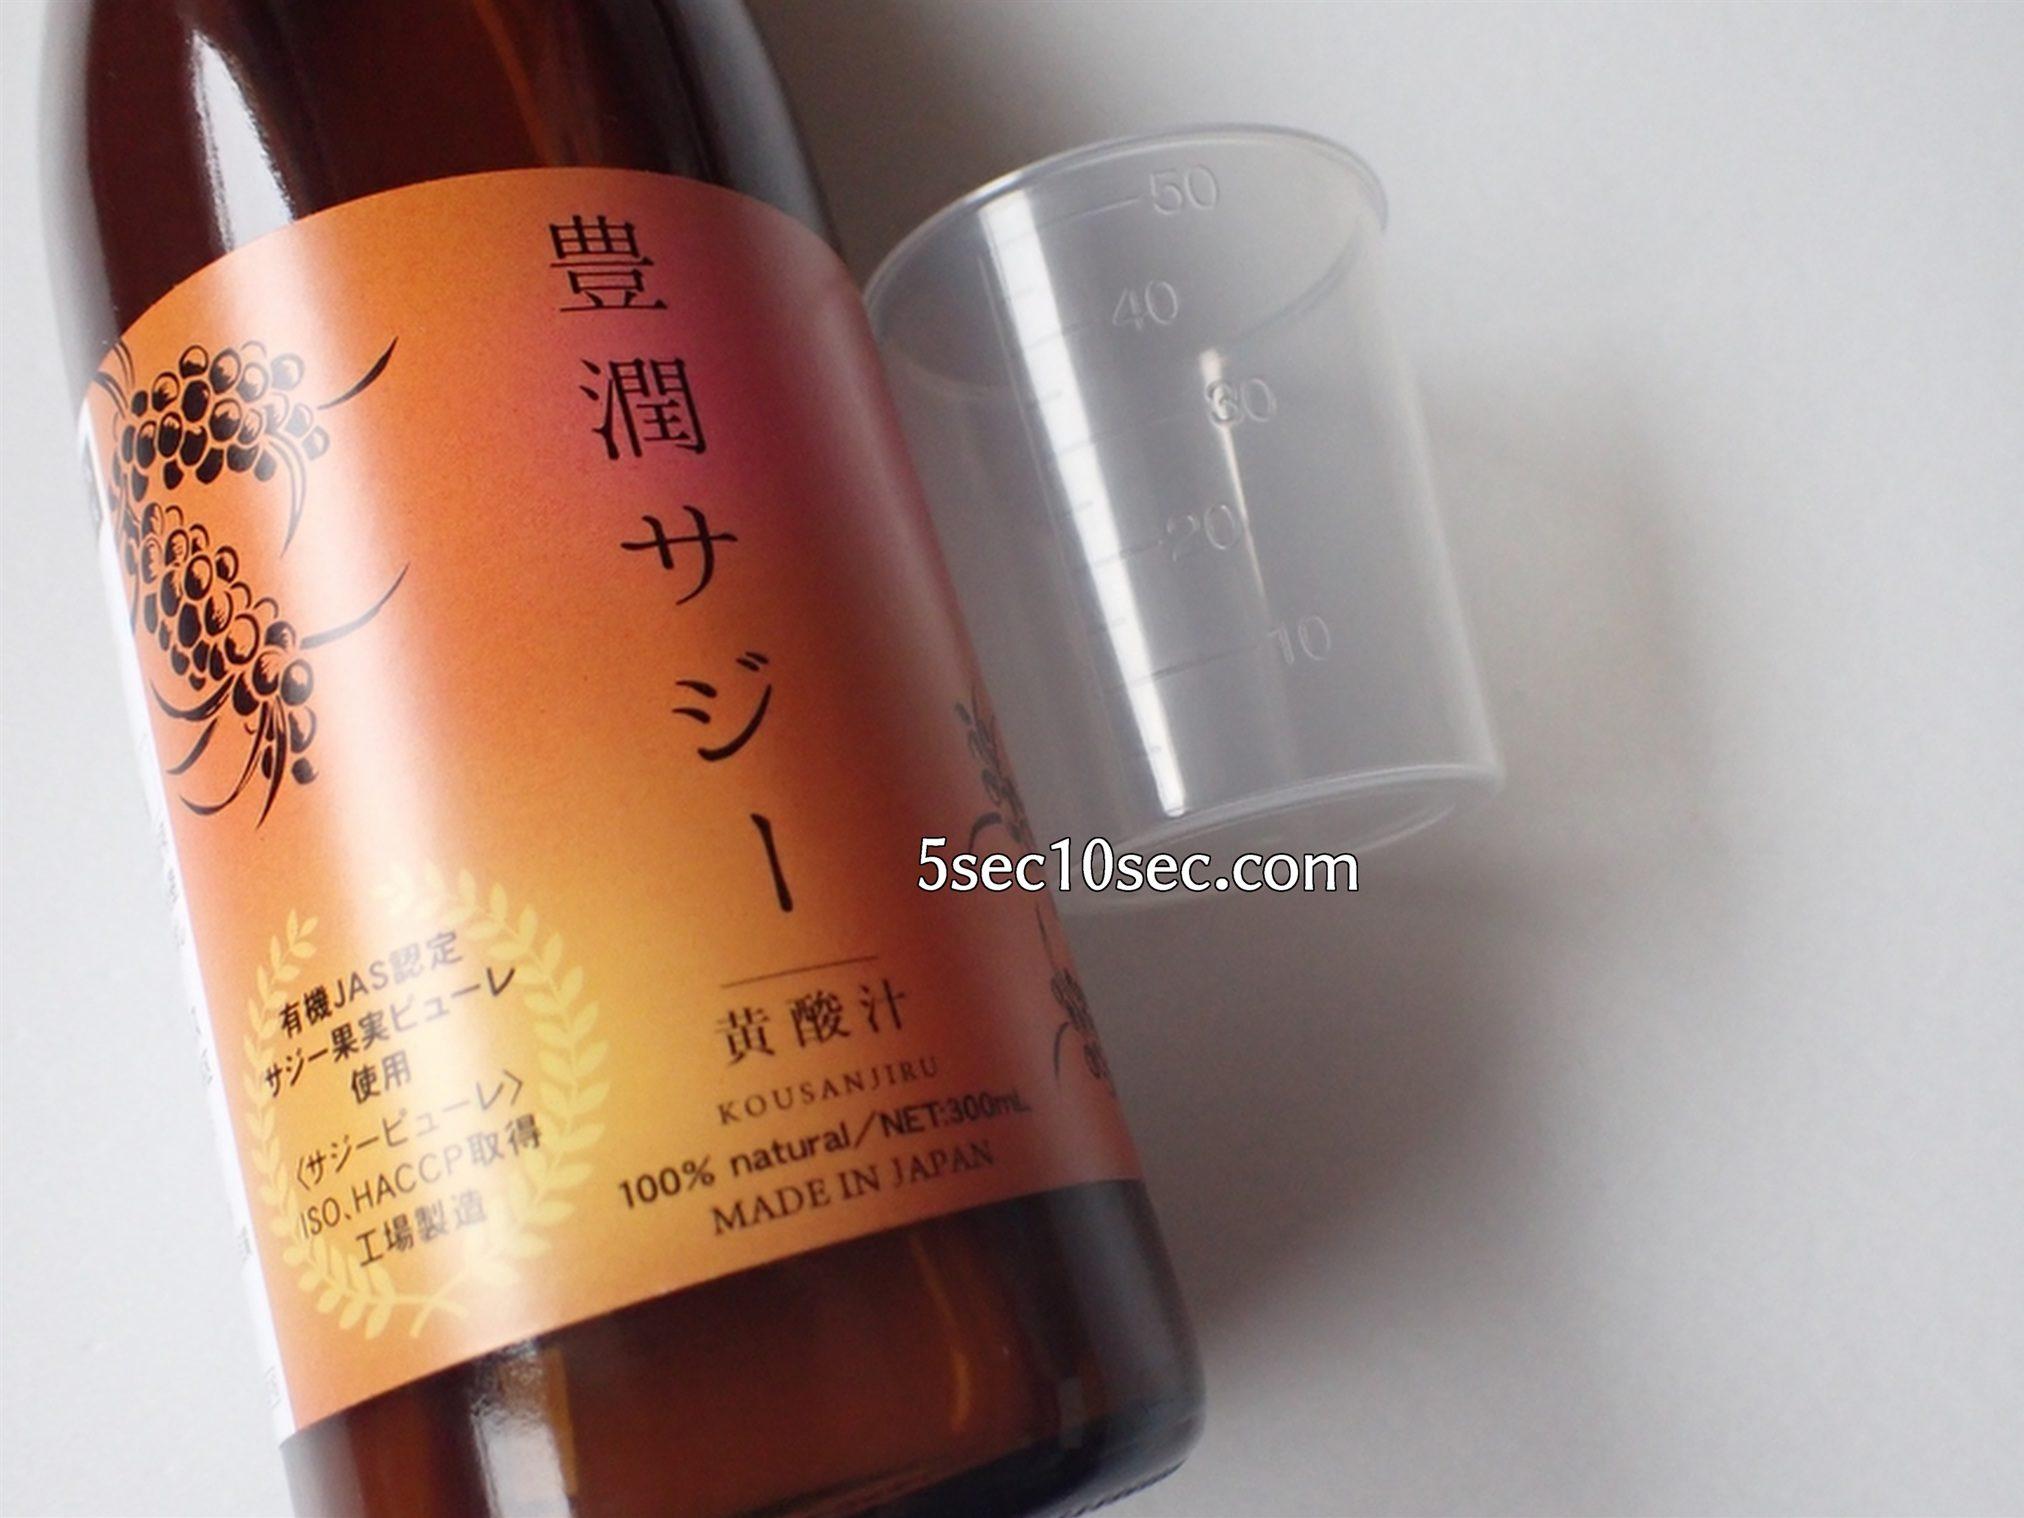 株式会社フィネス 黄酸汁 豊潤サジー 10mlずつ50mlまで計れる計量カップが付属しています